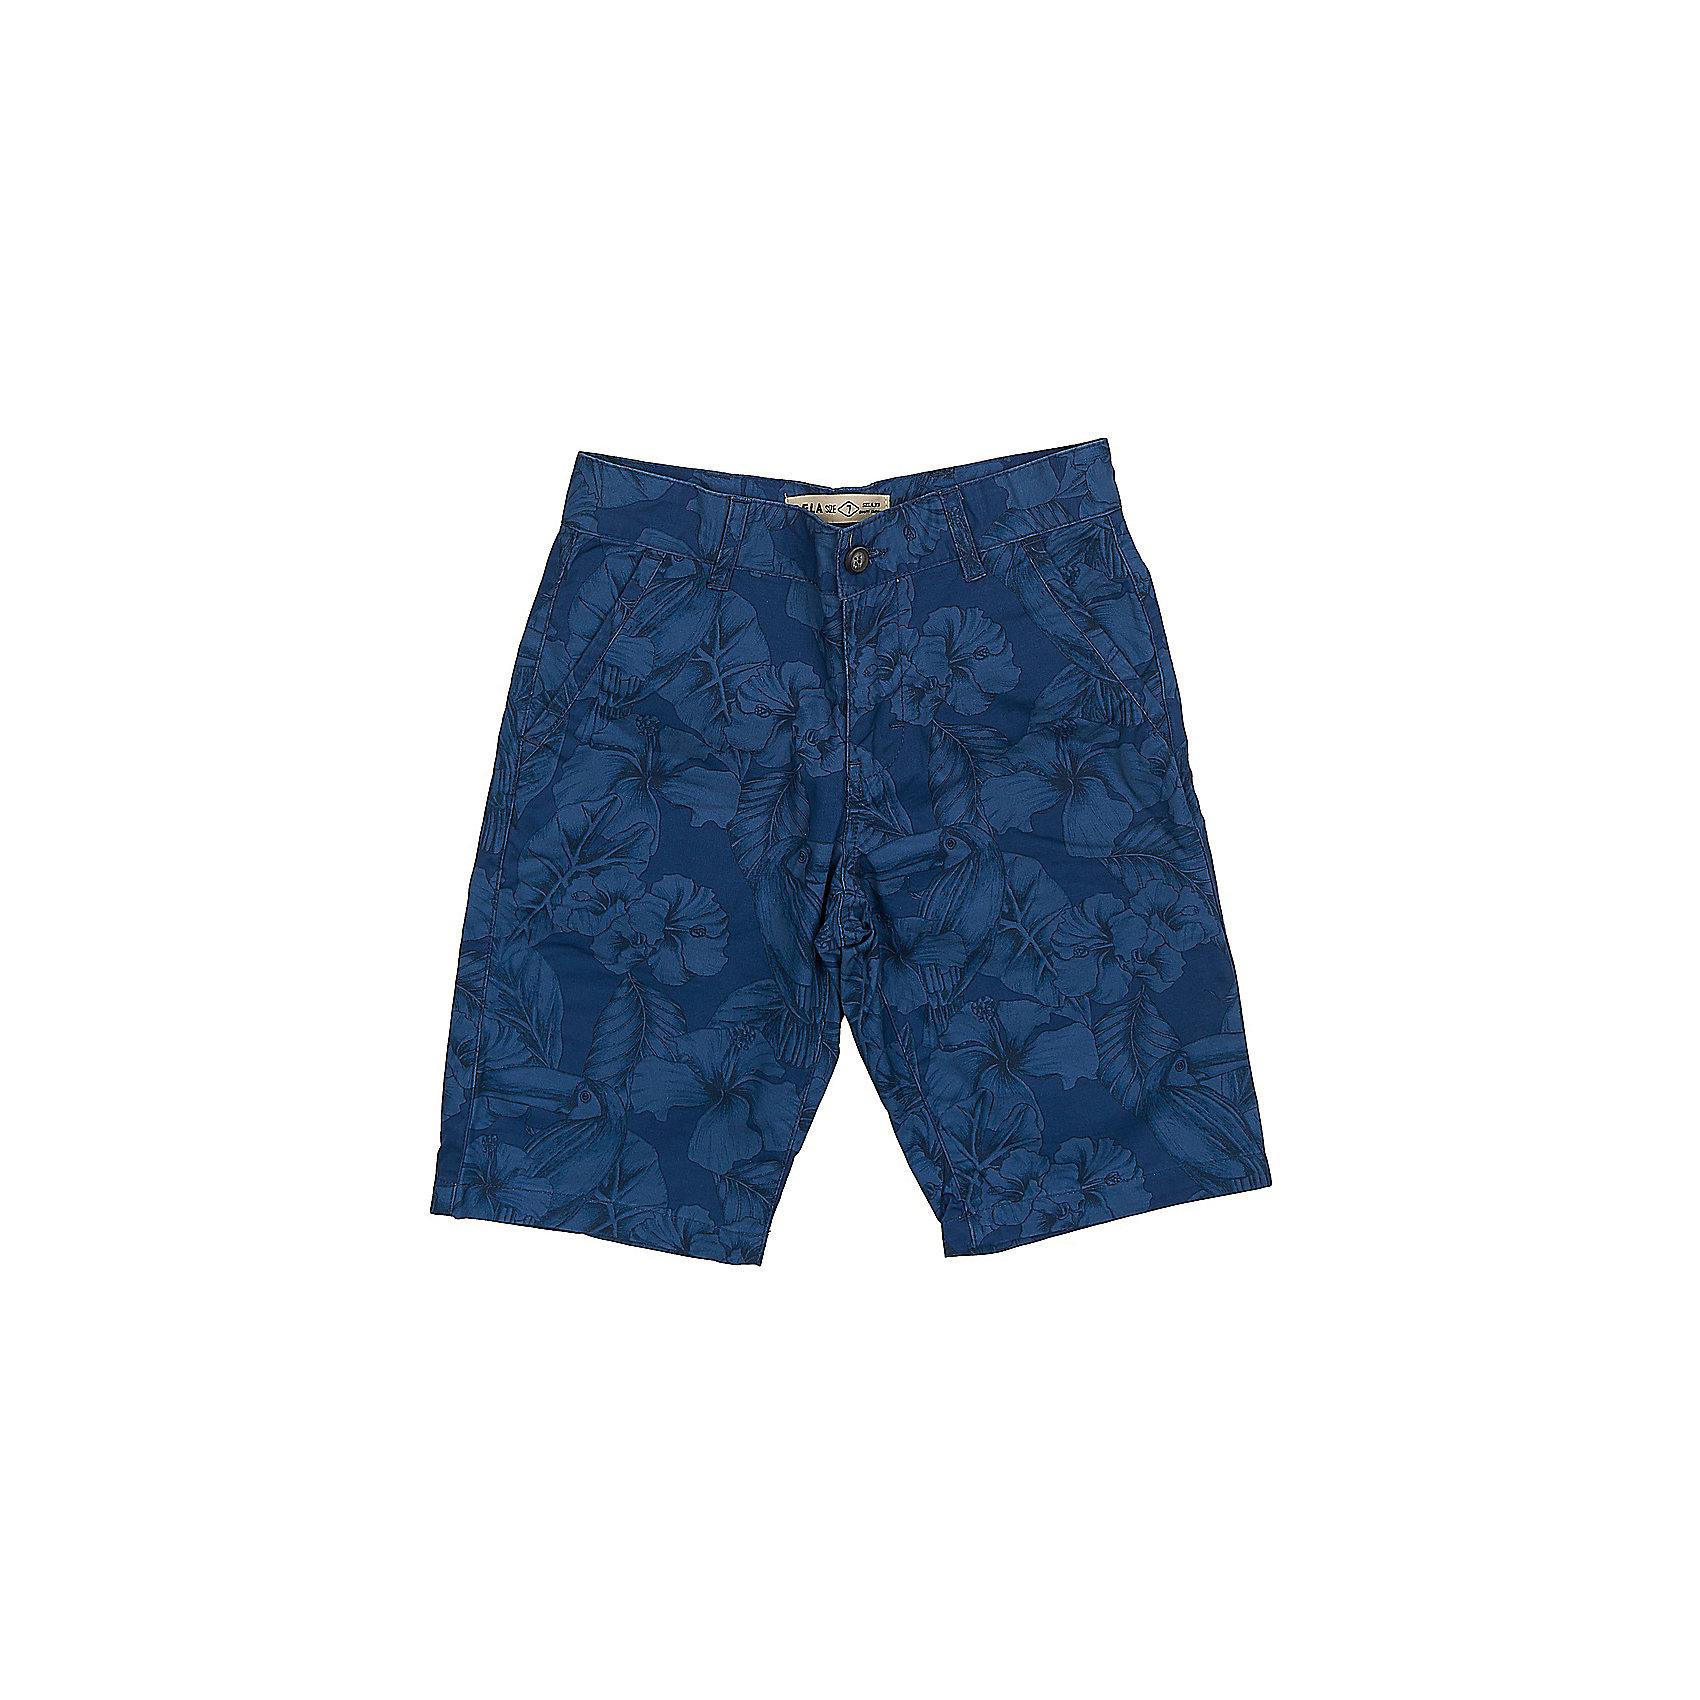 Шорты для мальчика SELAСтильные шорты для мальчика от популярного бренда SELA. Изделие выполнено из натурального гипоаллергенного материала, хорошо держащего форму, дышащего и приятного к телу, и обладает следующими особенностями:<br>- темно-синий цвет, эффектный принт;<br>- пояс со шлевками для ремня;<br>- удобная застежка;<br>- функциональные карманы;<br>- комфортный крой, не сковывающий движения.<br>Отличный выбор для активного лета!<br><br>Дополнительная информация:<br>- состав: 100% хлопок<br>- цвет: темно-синий + принт<br><br>Шорты для мальчика SELA (СЕЛА) можно купить в нашем магазине<br><br>Ширина мм: 191<br>Глубина мм: 10<br>Высота мм: 175<br>Вес г: 273<br>Цвет: синий<br>Возраст от месяцев: 120<br>Возраст до месяцев: 132<br>Пол: Мужской<br>Возраст: Детский<br>Размер: 152,140,134,128,122,146,116<br>SKU: 4741839